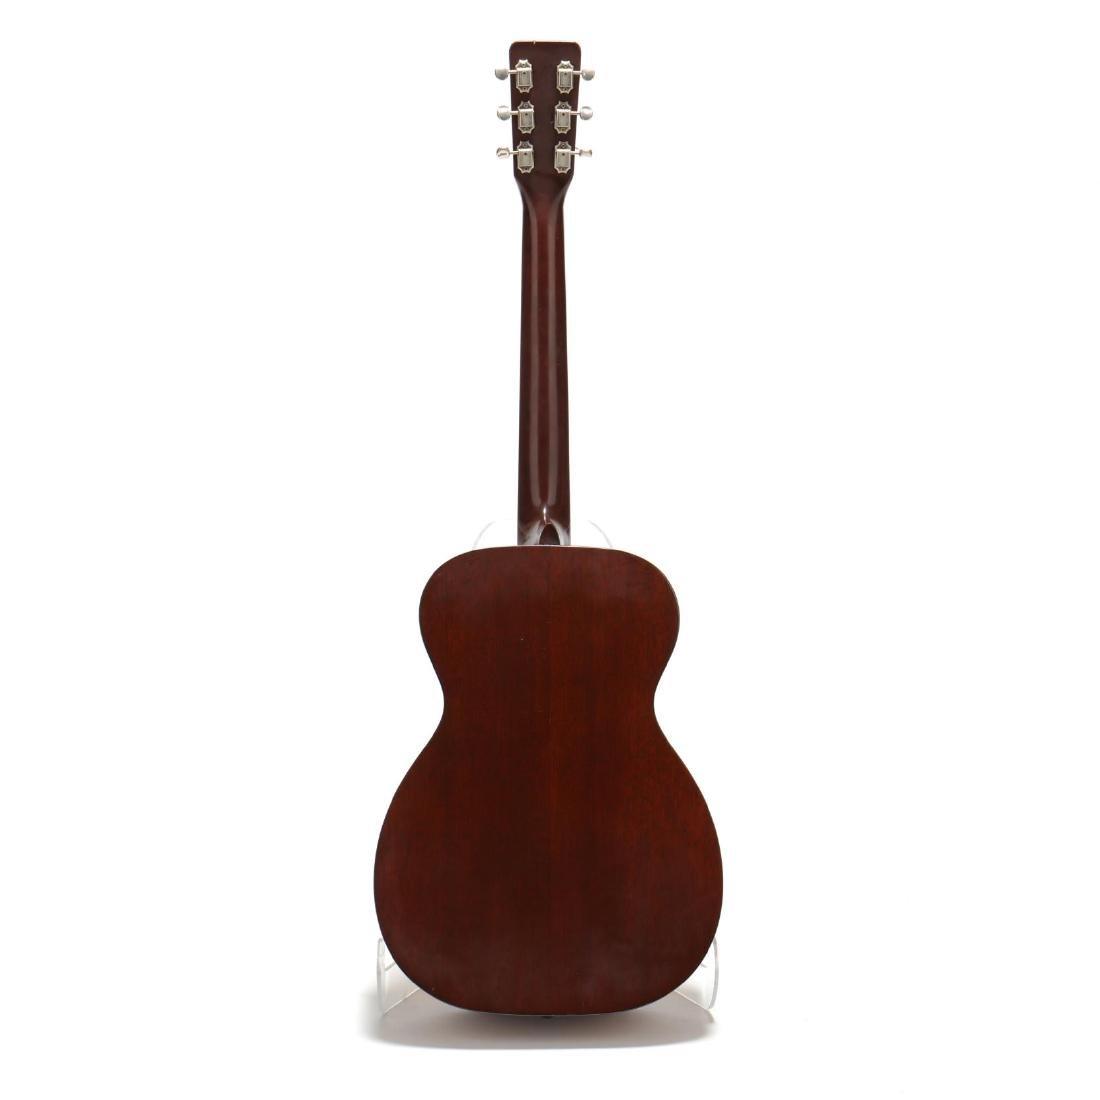 1967 Martin O-18 Flat Top Guitar - 5